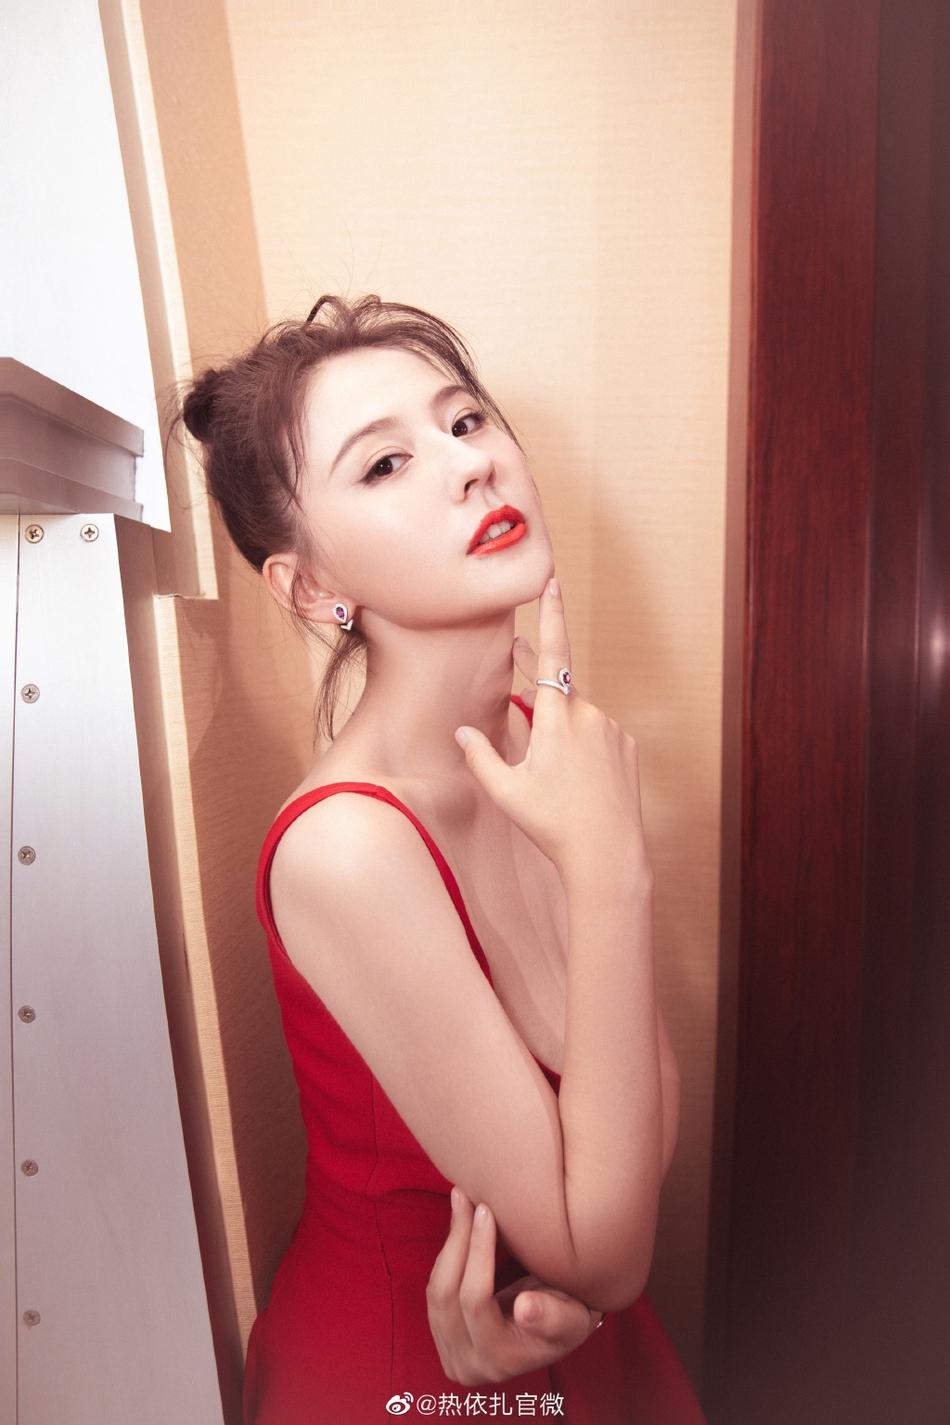 热依扎穿吊带红裙上围丰满 妆容精致气质优雅